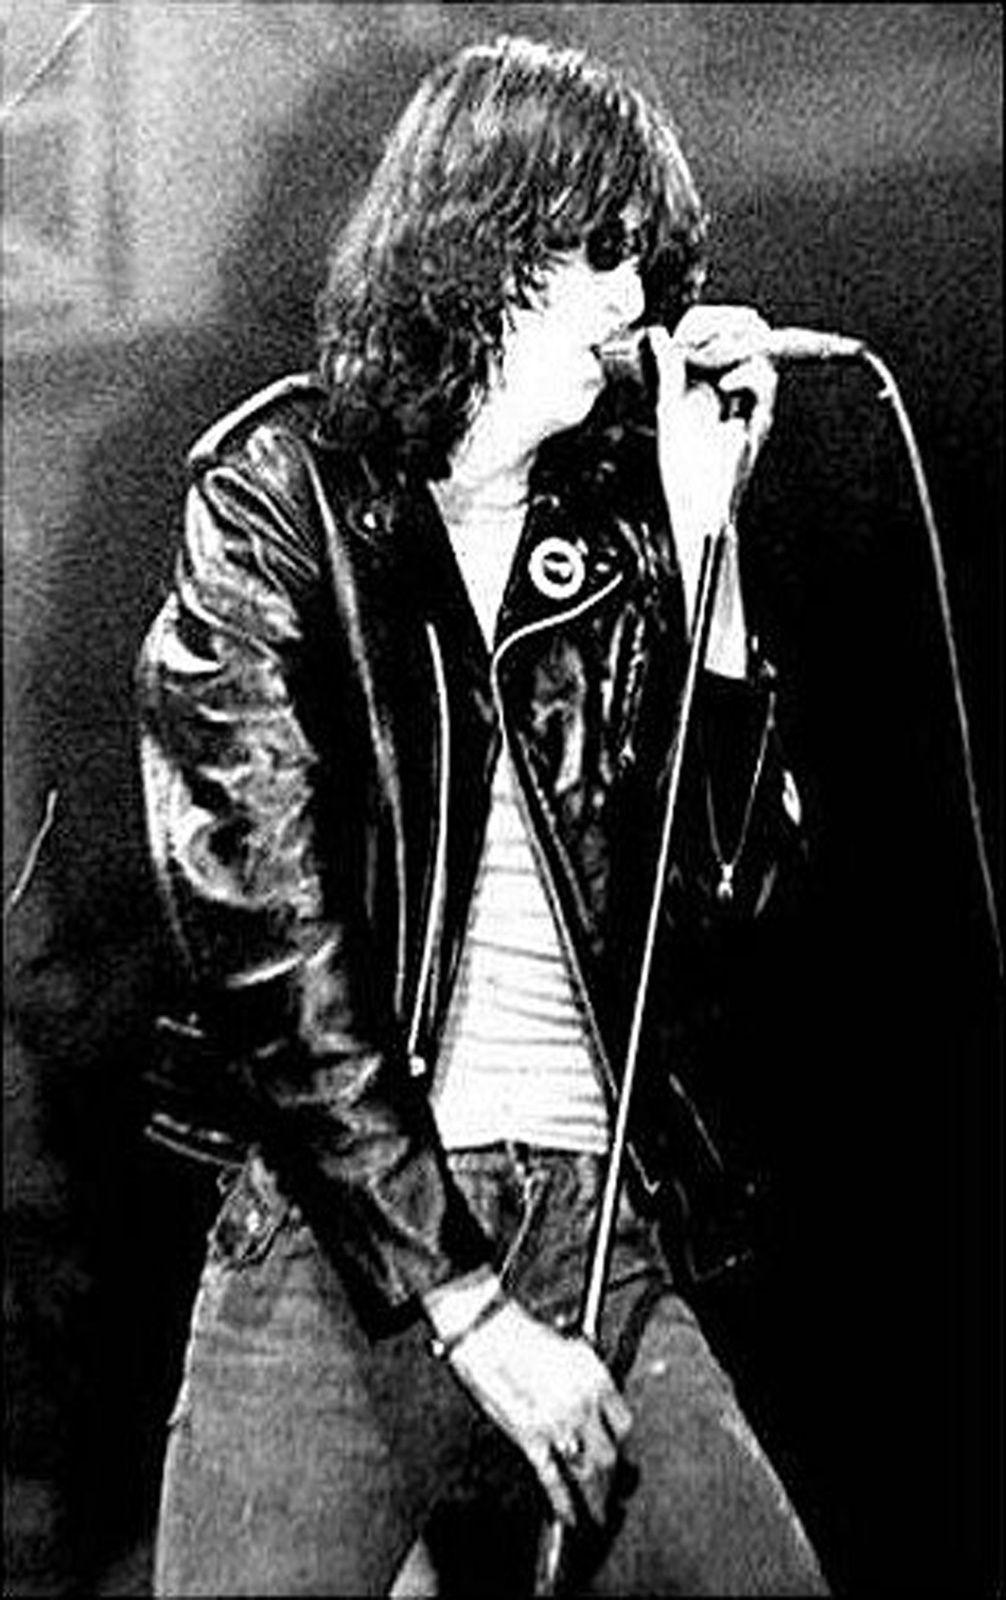 Joey Ramone - photo by Dawkeye